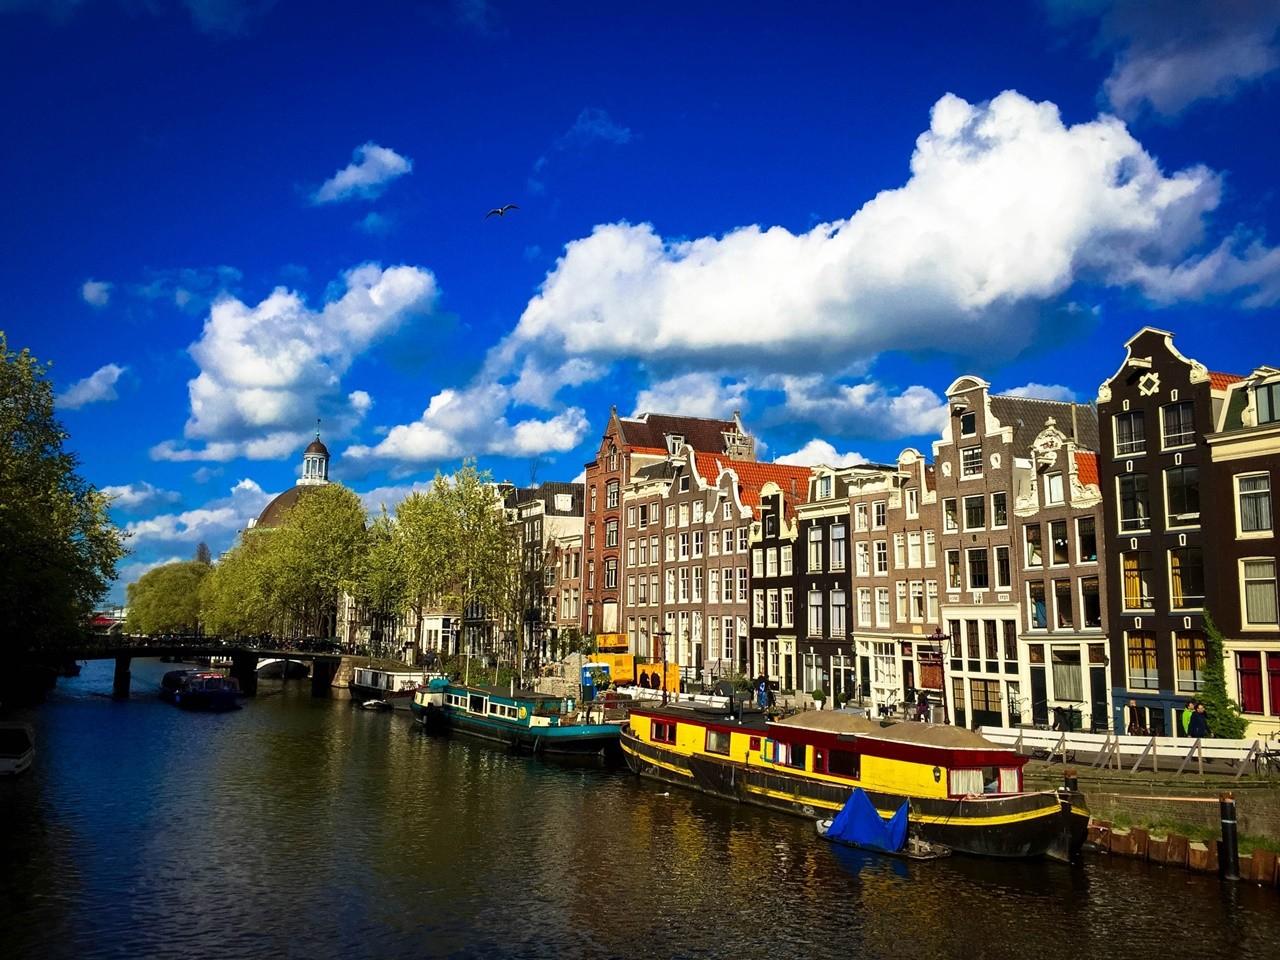 Kênh đào Amsterdam